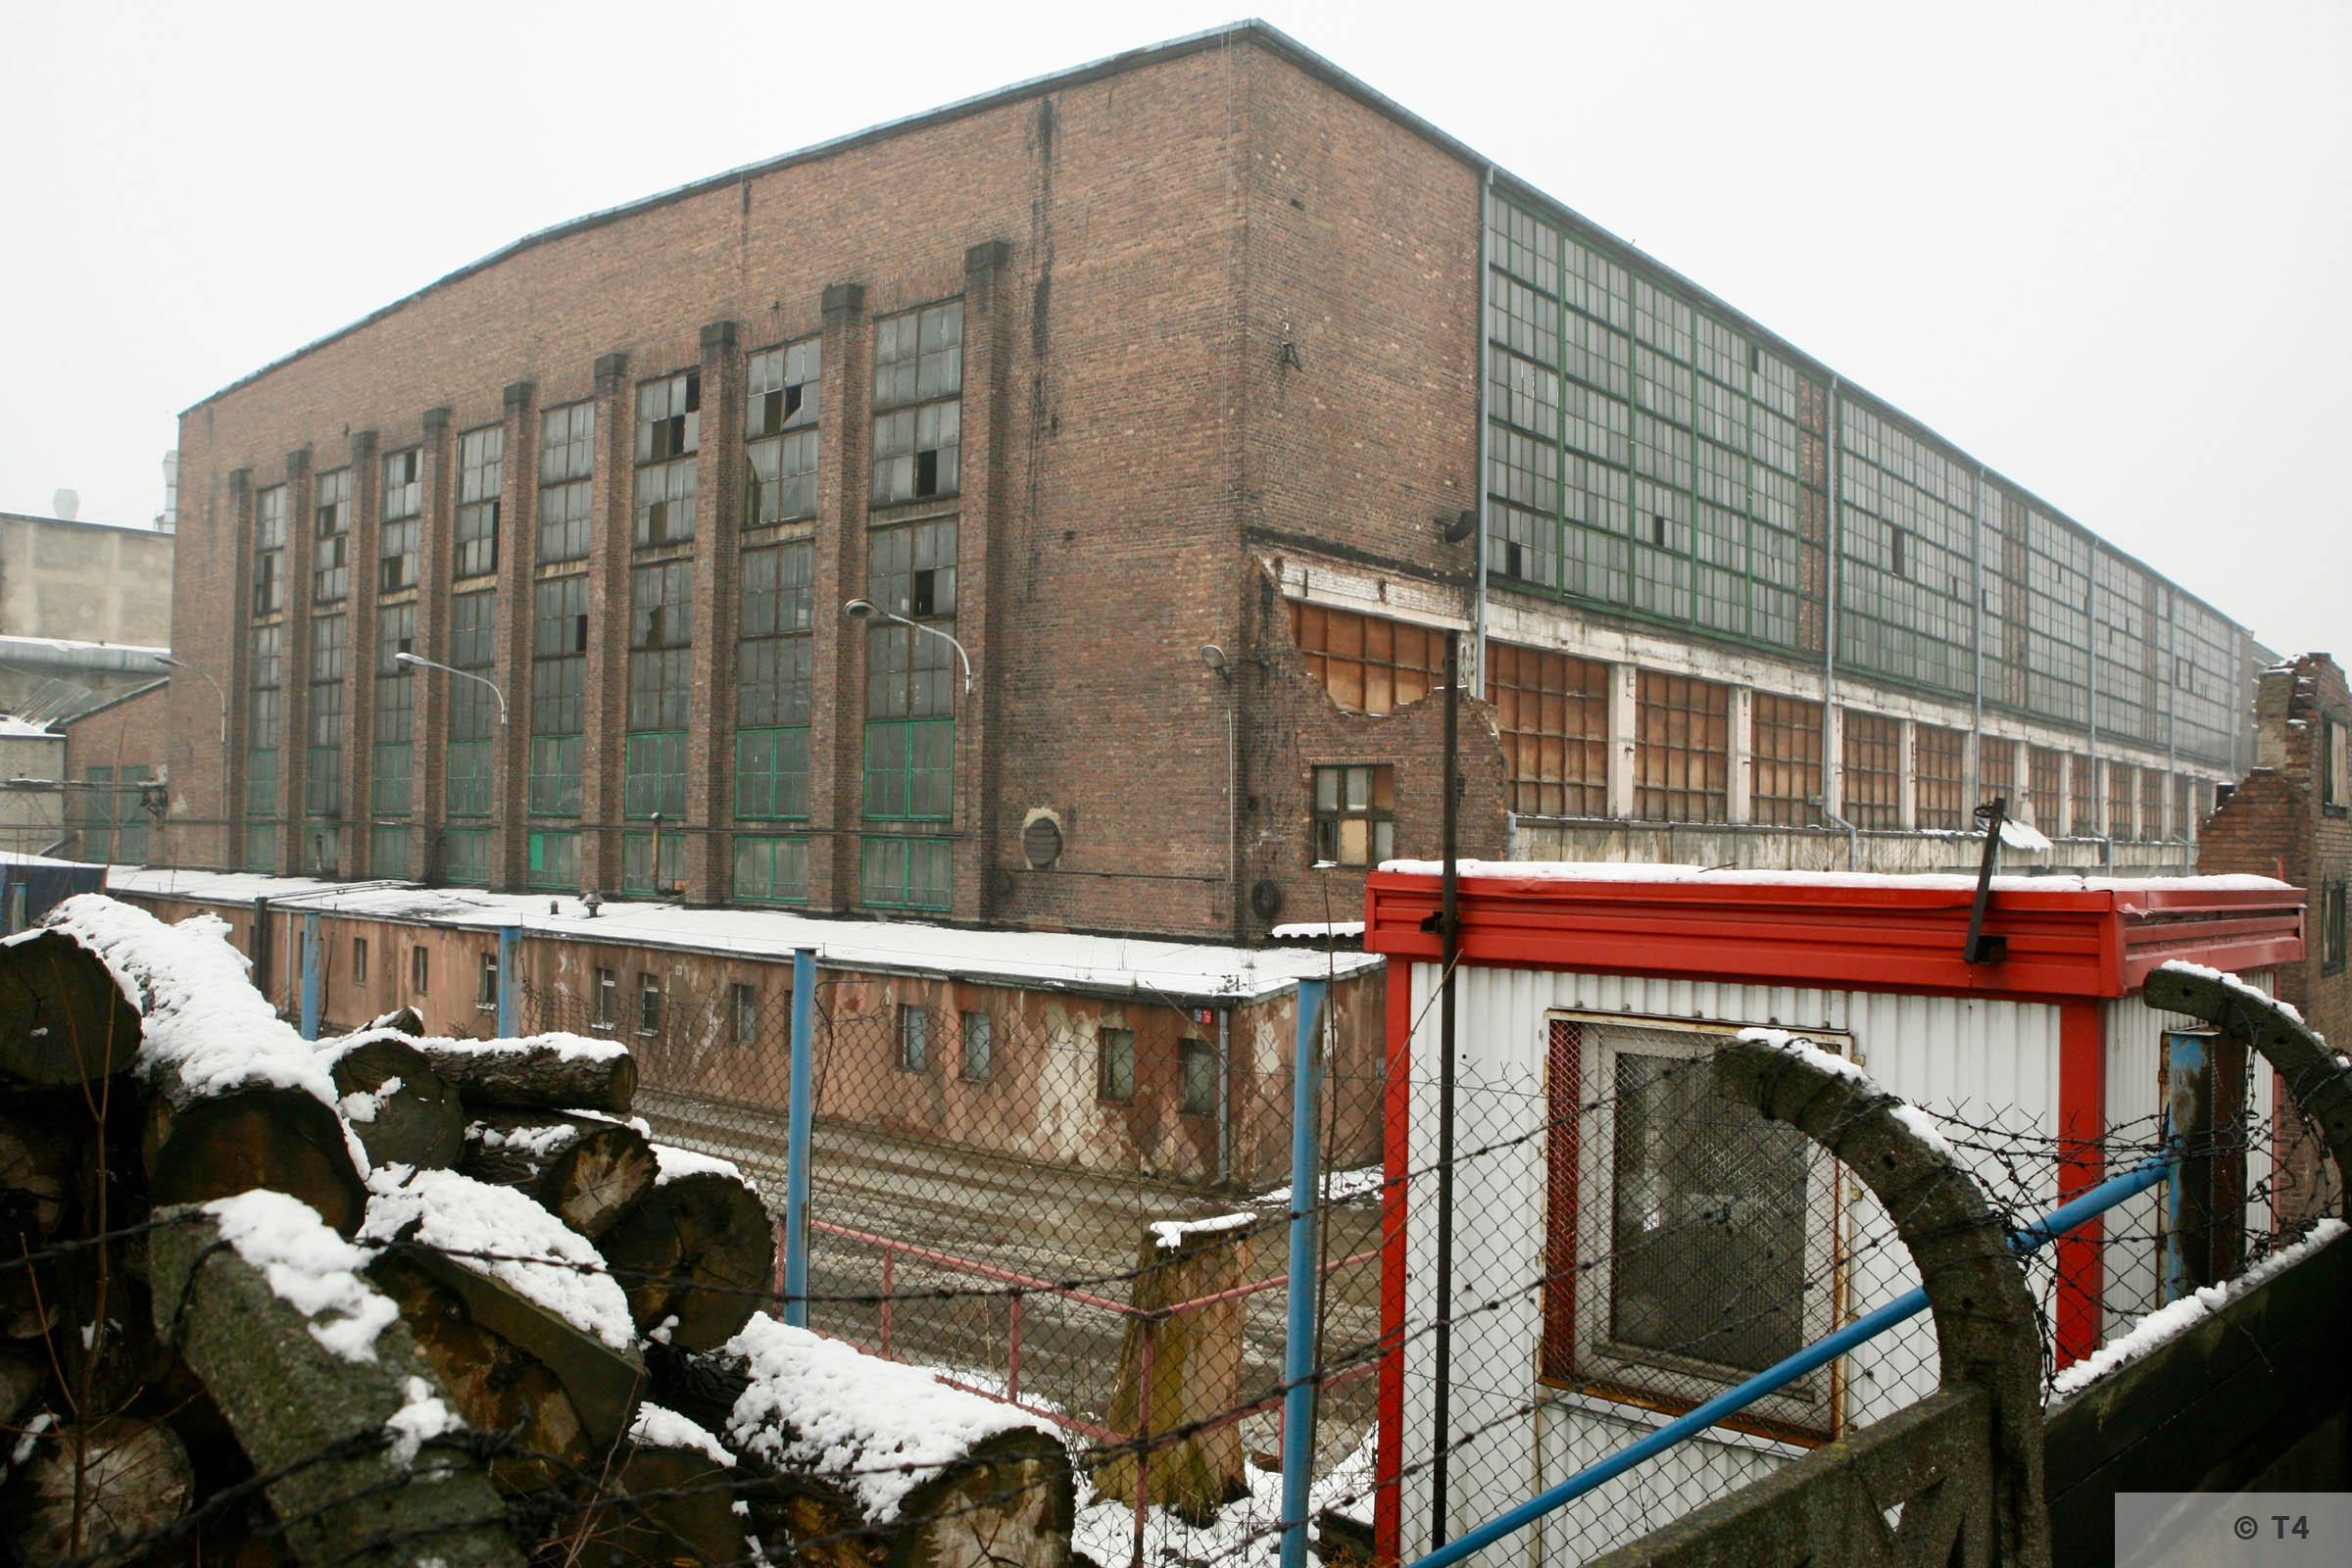 Zgoda steel plant. 2007 T4 5600